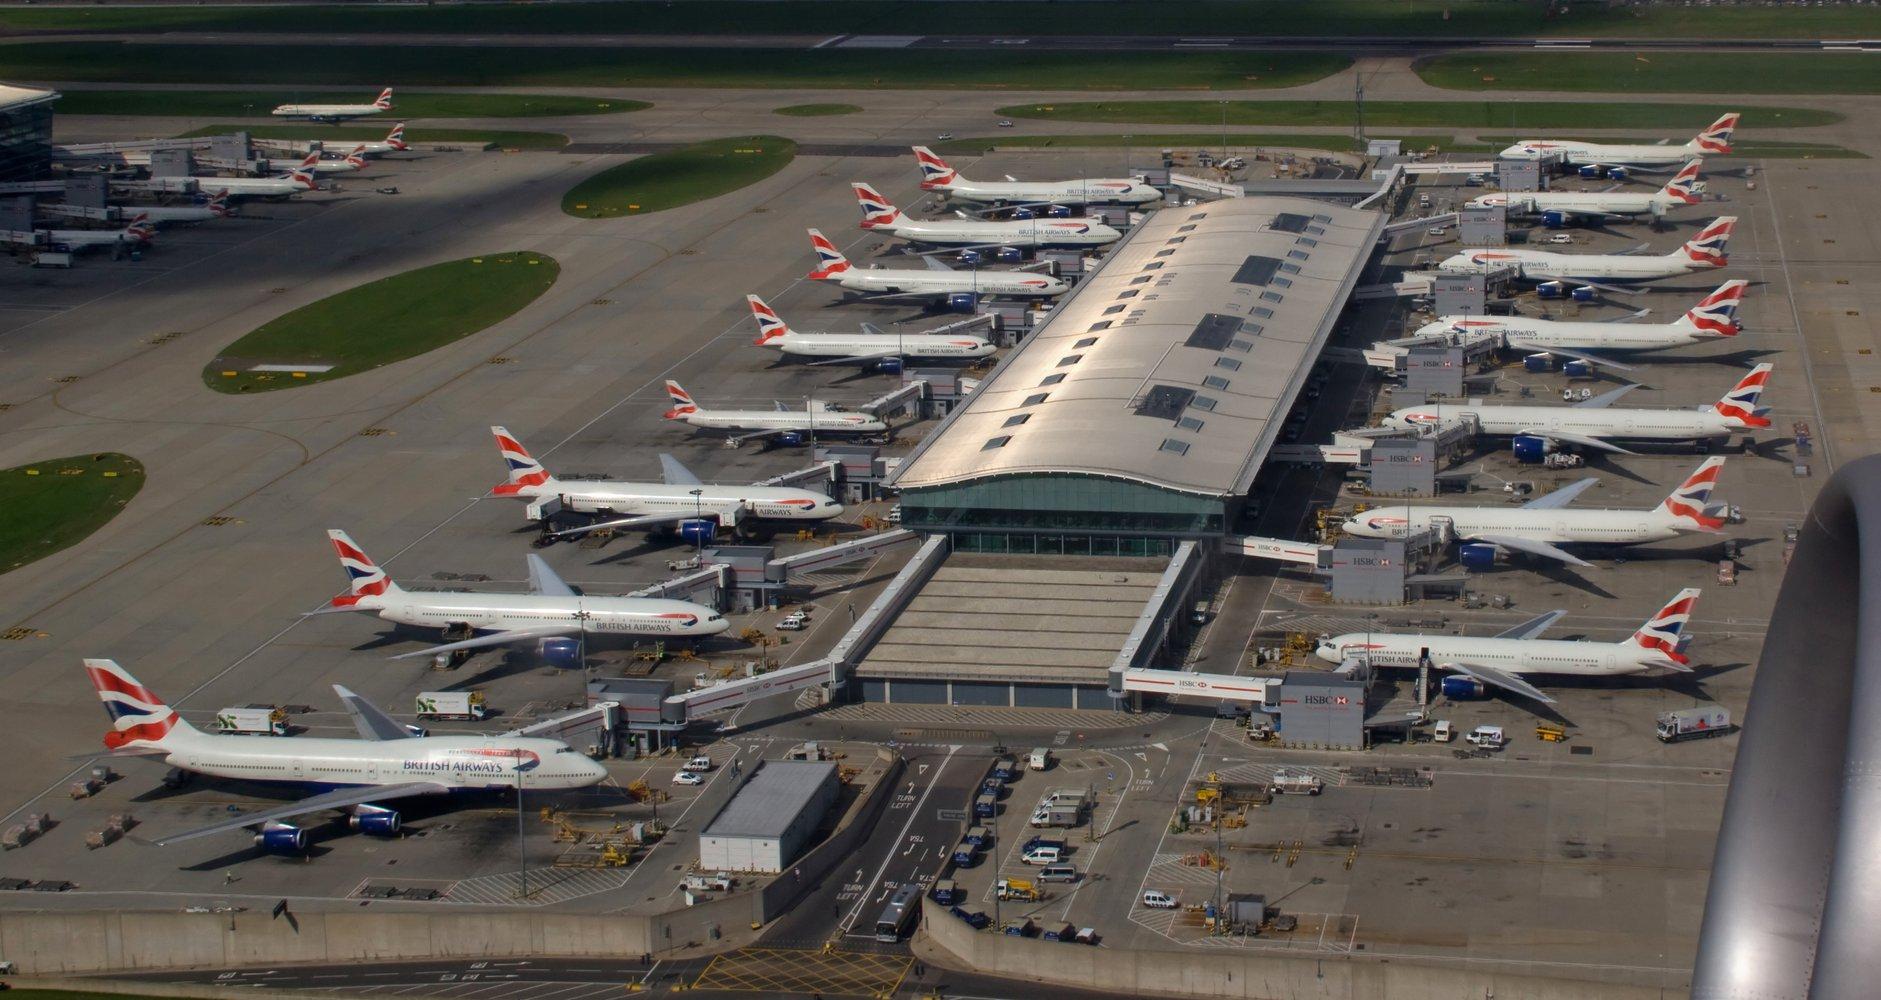 Авиация Великобритании станет углеродно-нейтральной к 2050